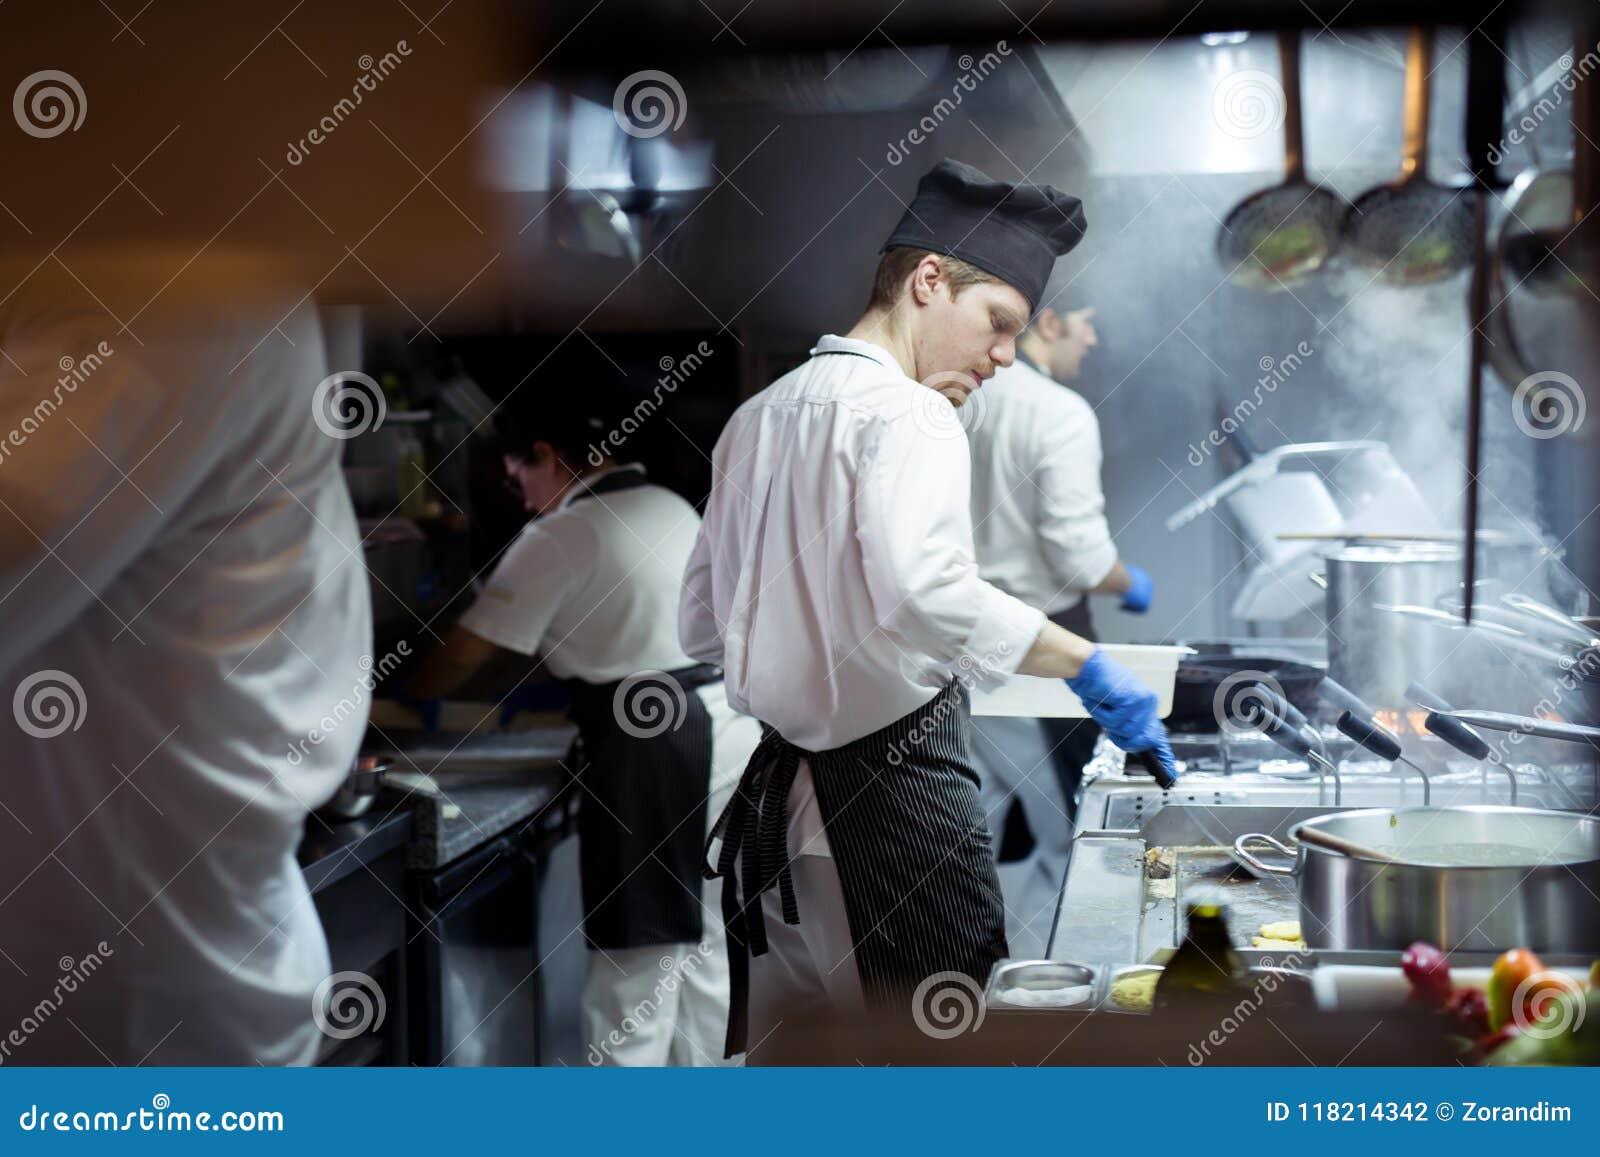 Grupo de cocinero que prepara la comida en la cocina de un restaurante